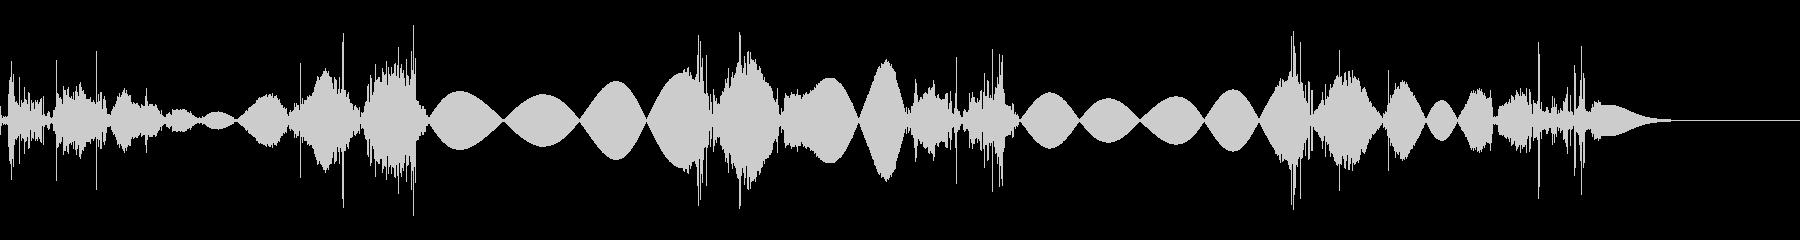 チョビチョビ 移動音の未再生の波形